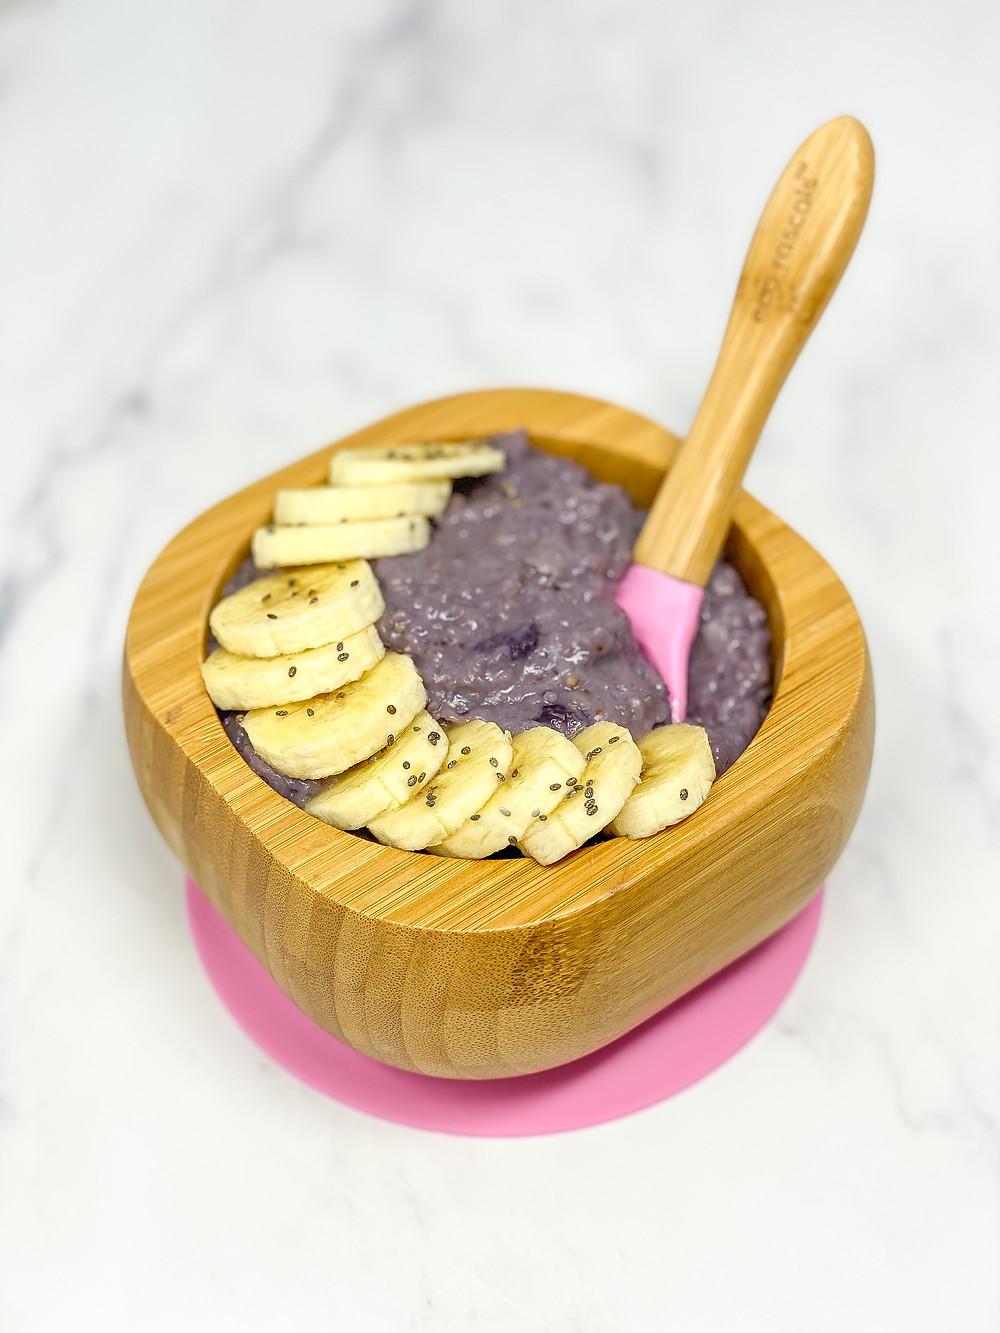 blw SIMPLE BLUEBERRY PORRIDGE in bamboo bowl